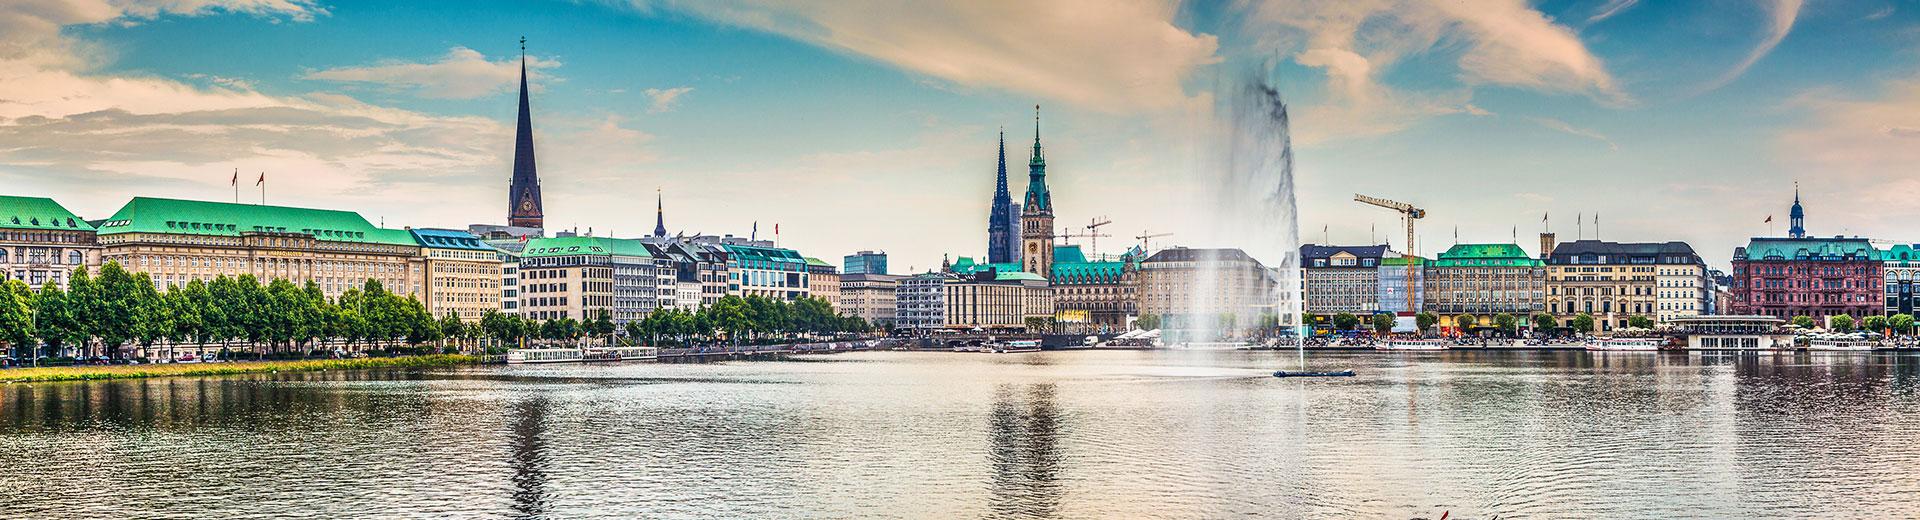 Voyage en groupe Hambourg - offre classique avion